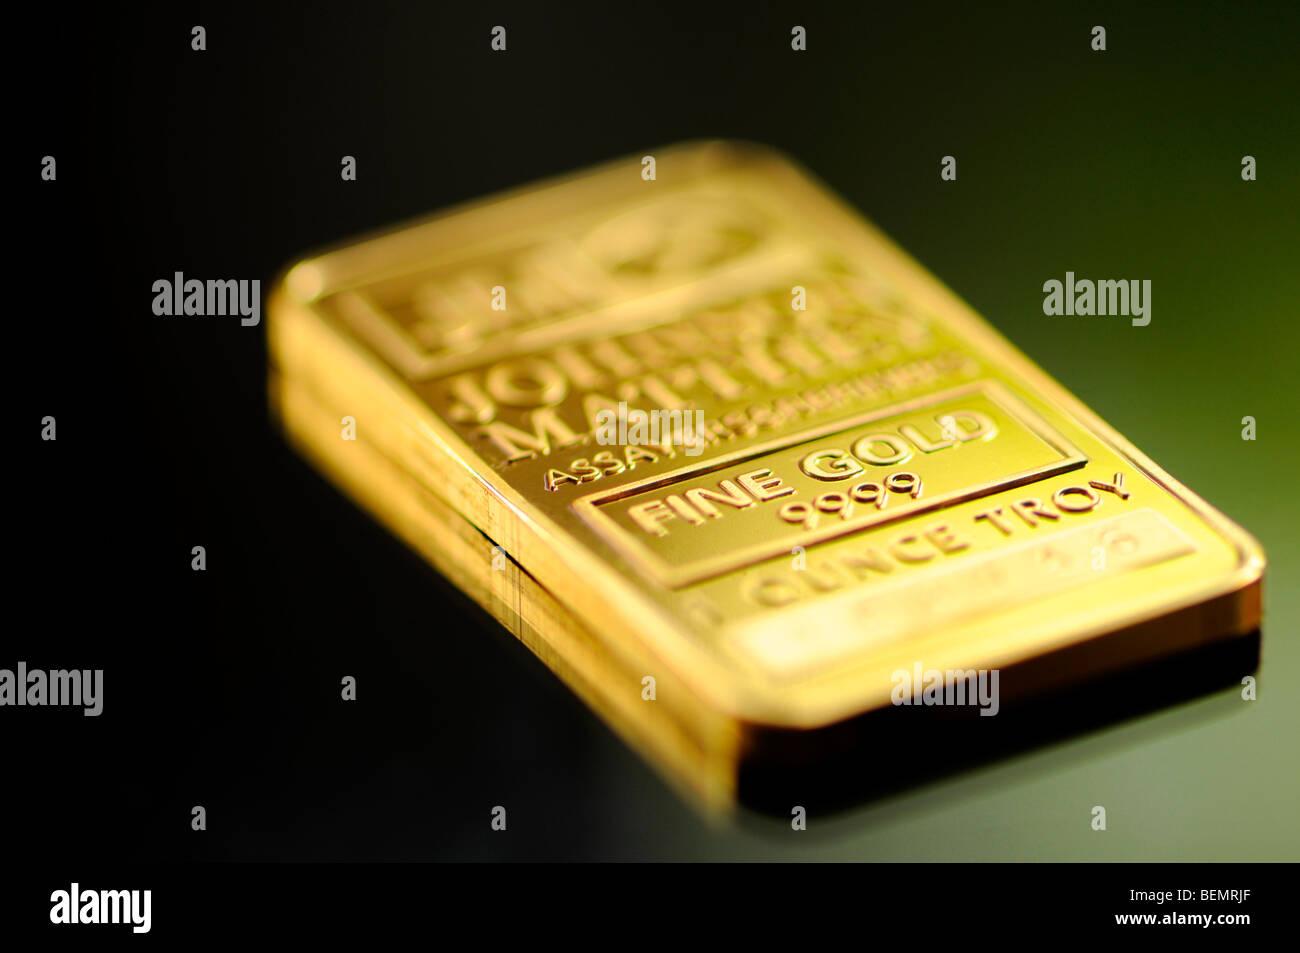 gold bar stock photos